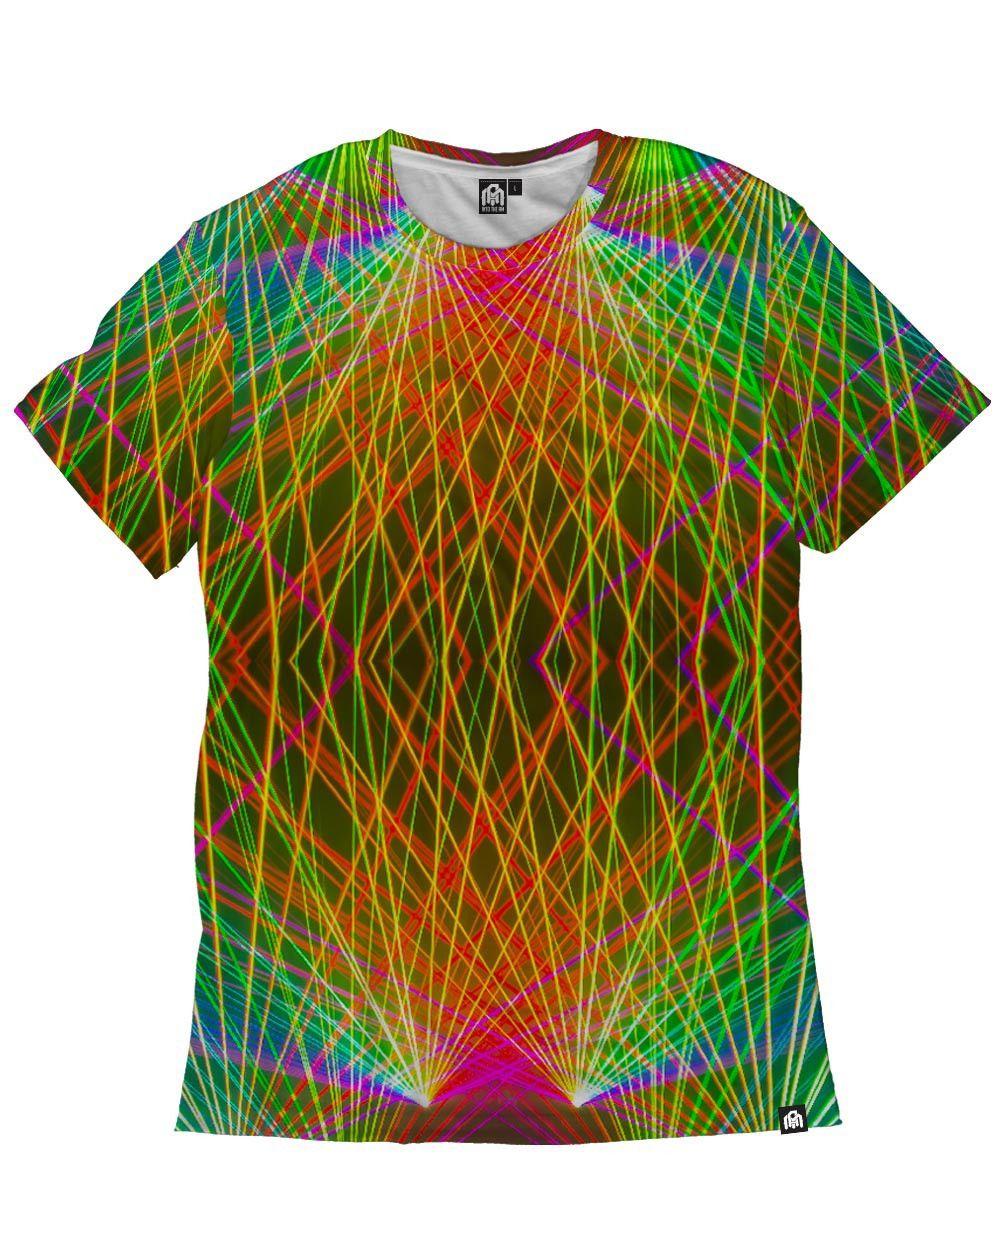 RUKES Rainbow Lasers Men's Tee